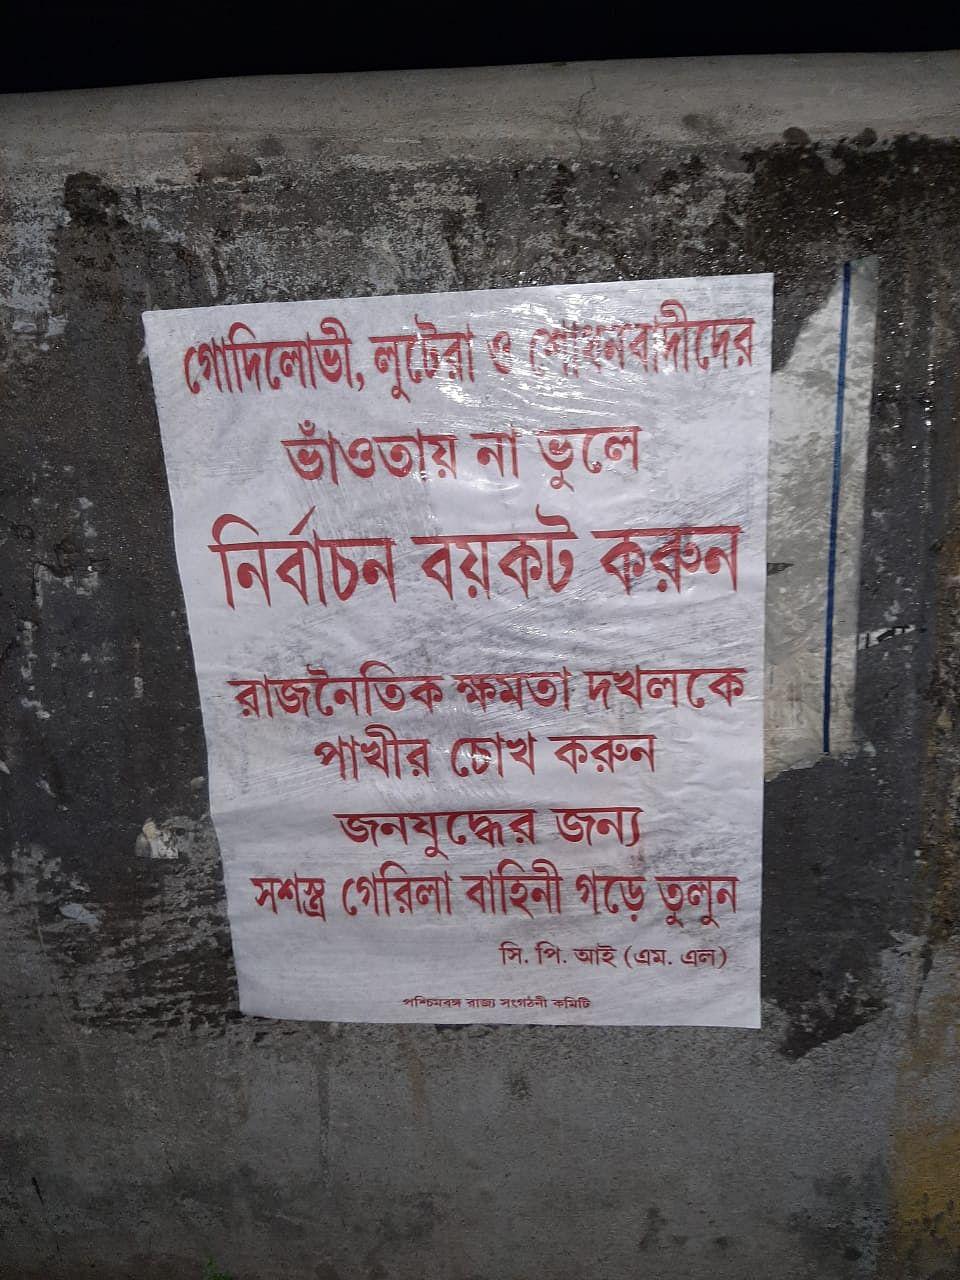 दुर्गापुर अदालत परिसर में चिपकाया गया संदिग्ध पोस्टर, SDO ने दिये जांच के आदेश